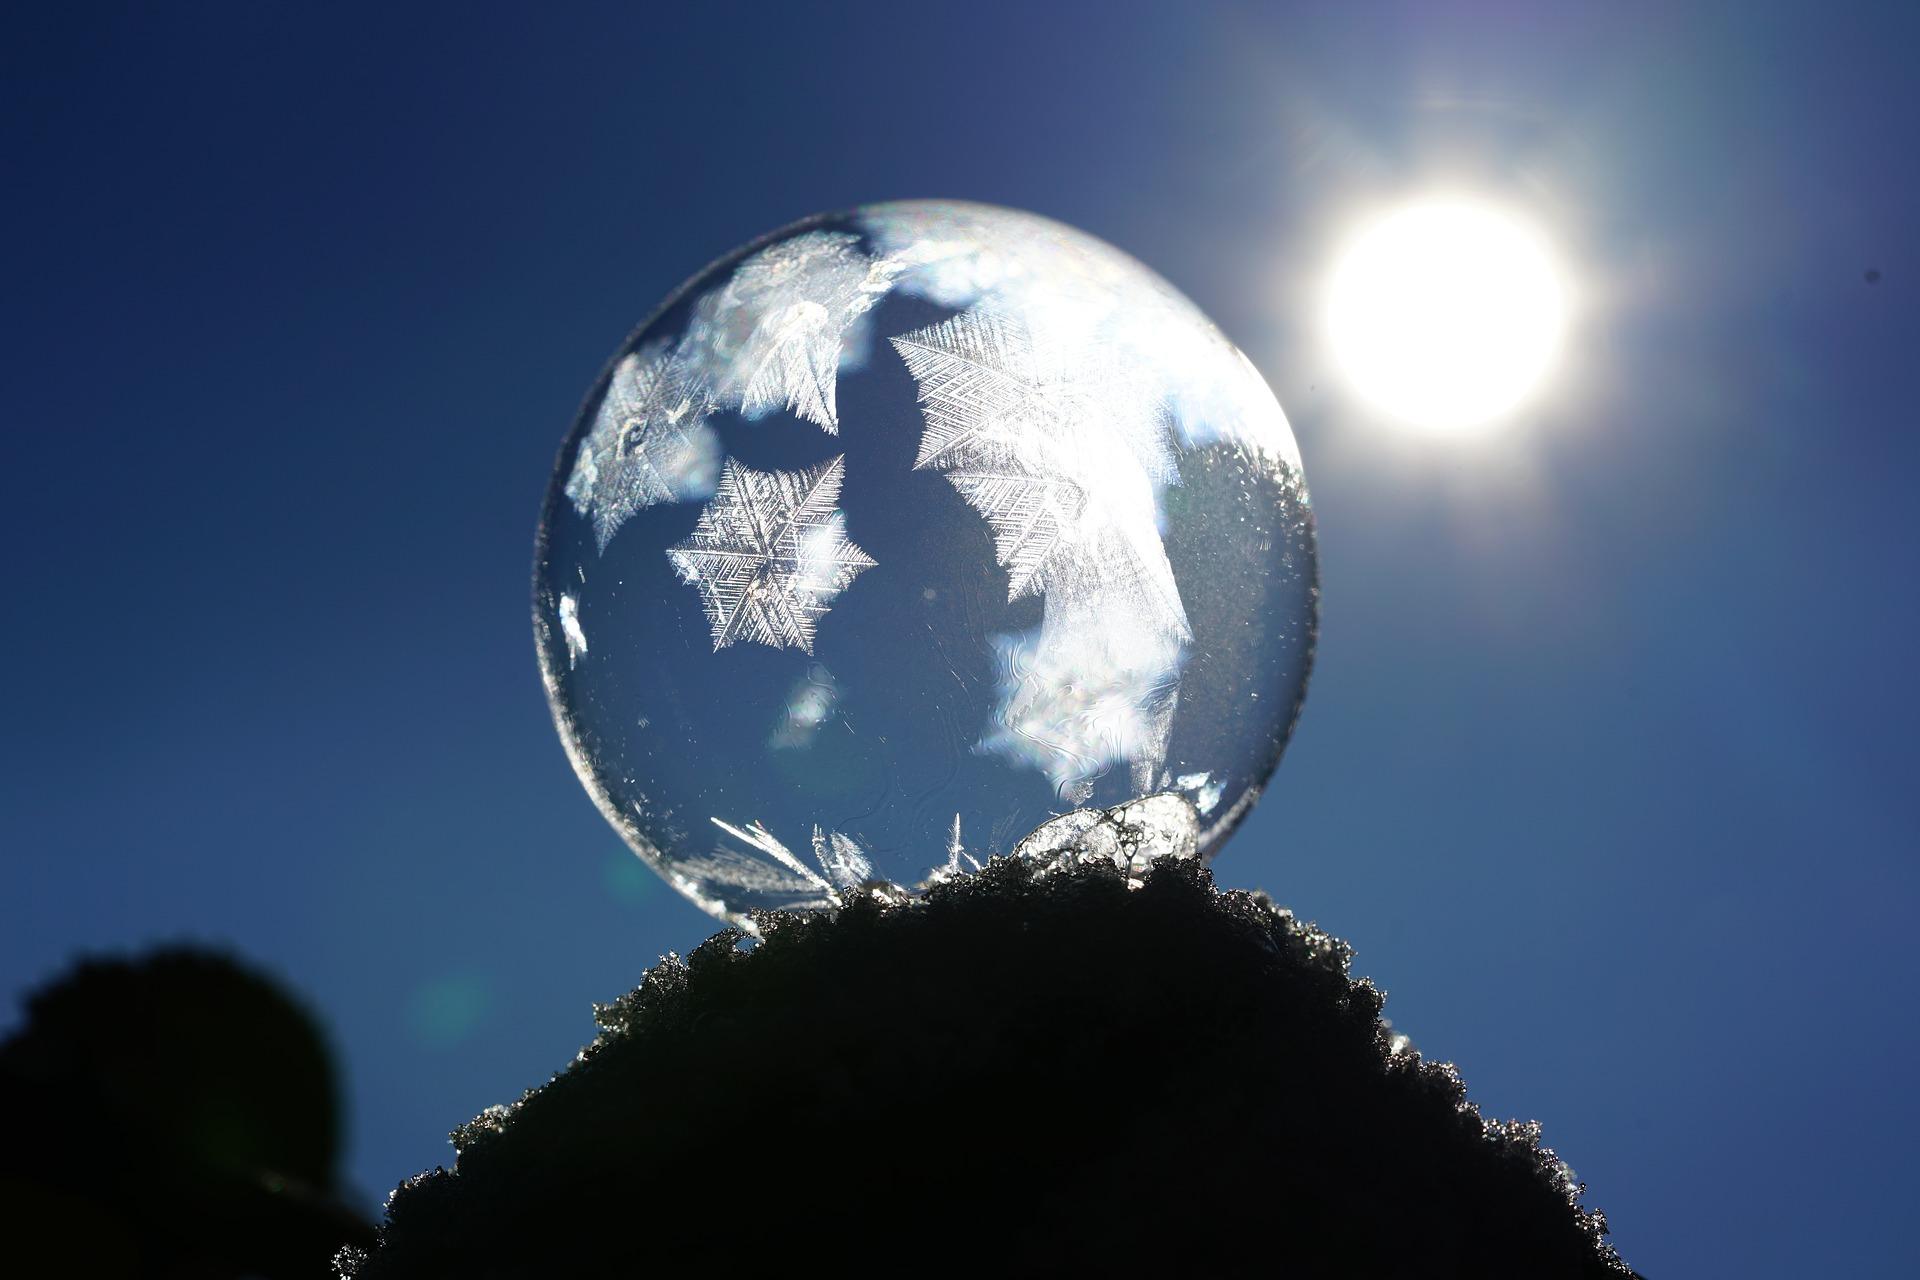 soap-bubble-1959327_1920.jpg